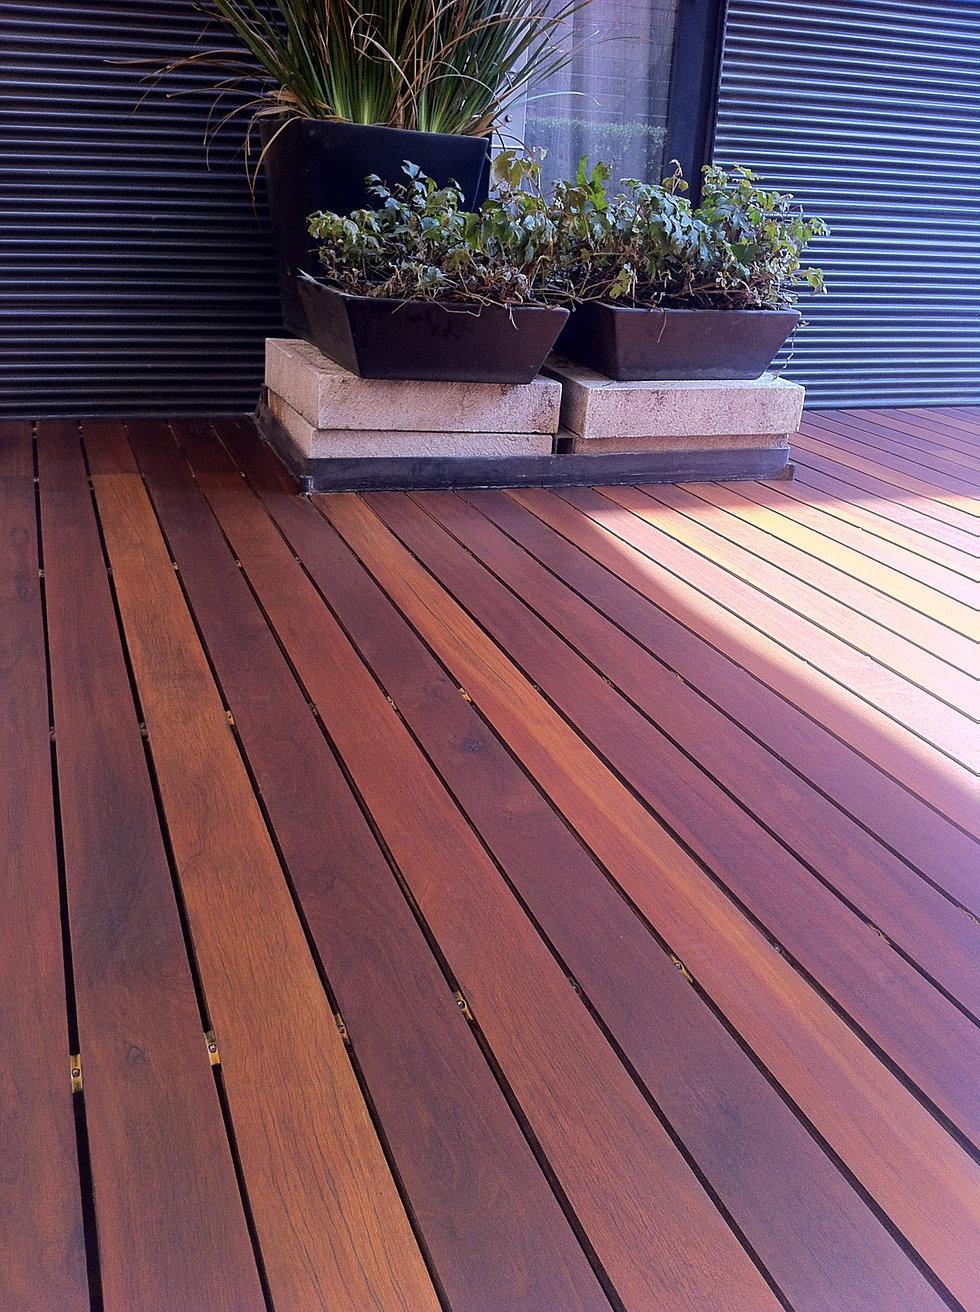 Pisos pal de m xico pisos de madera laminados duela de for Pisos para interiores tipo madera